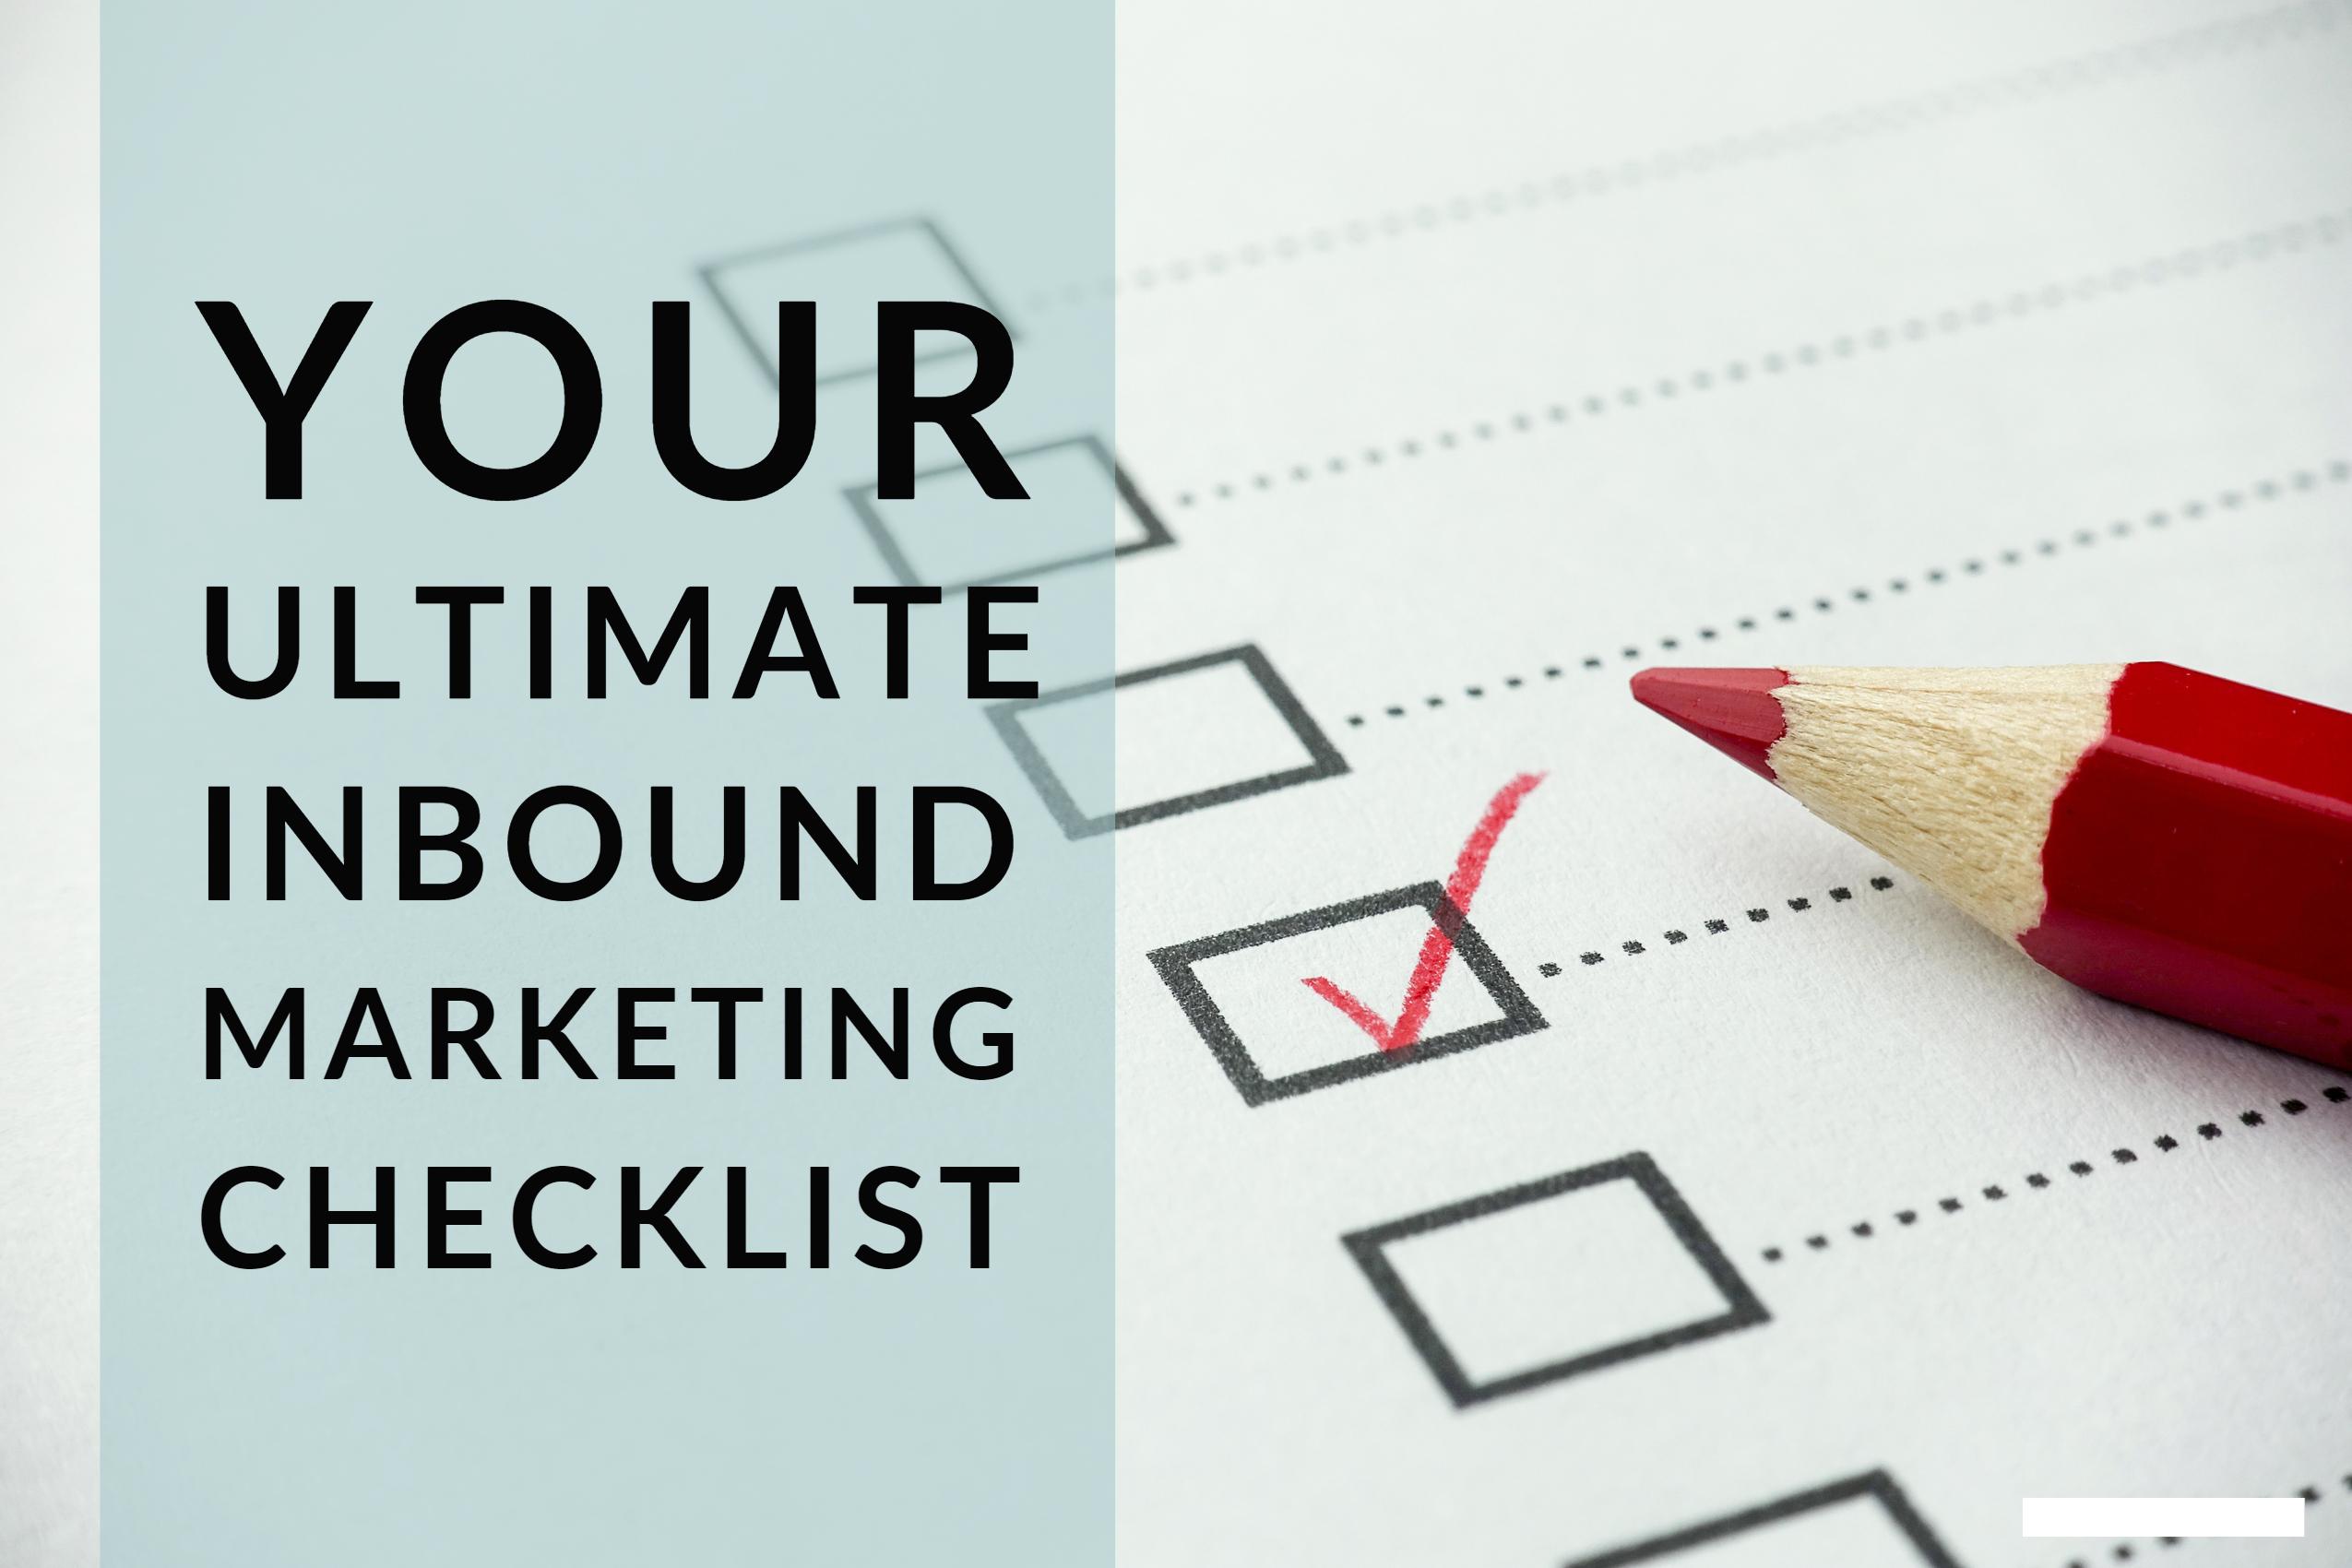 Your Ultimate Inbound Marketing Checklist